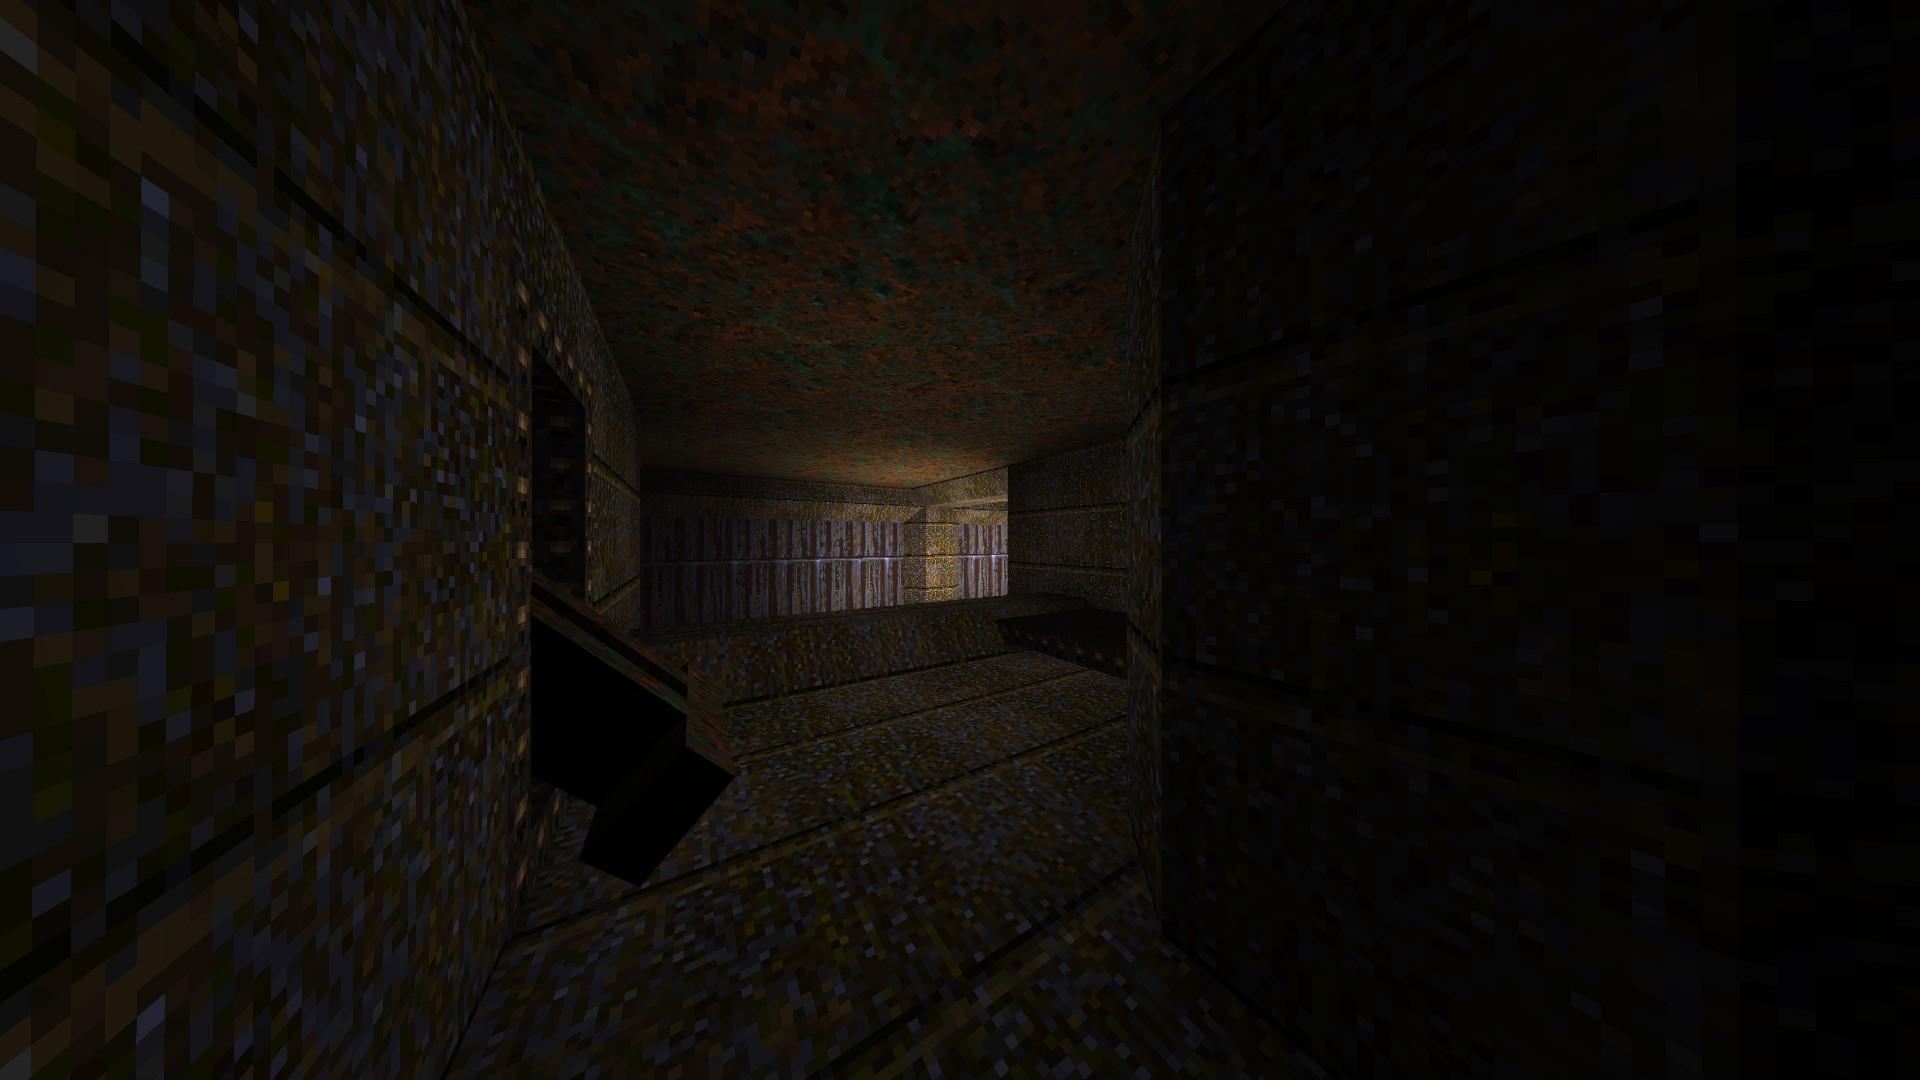 Quake - Locations of All Secrets in Game Tips - E2: Dominion of Darkness - Part II - 25E00E7